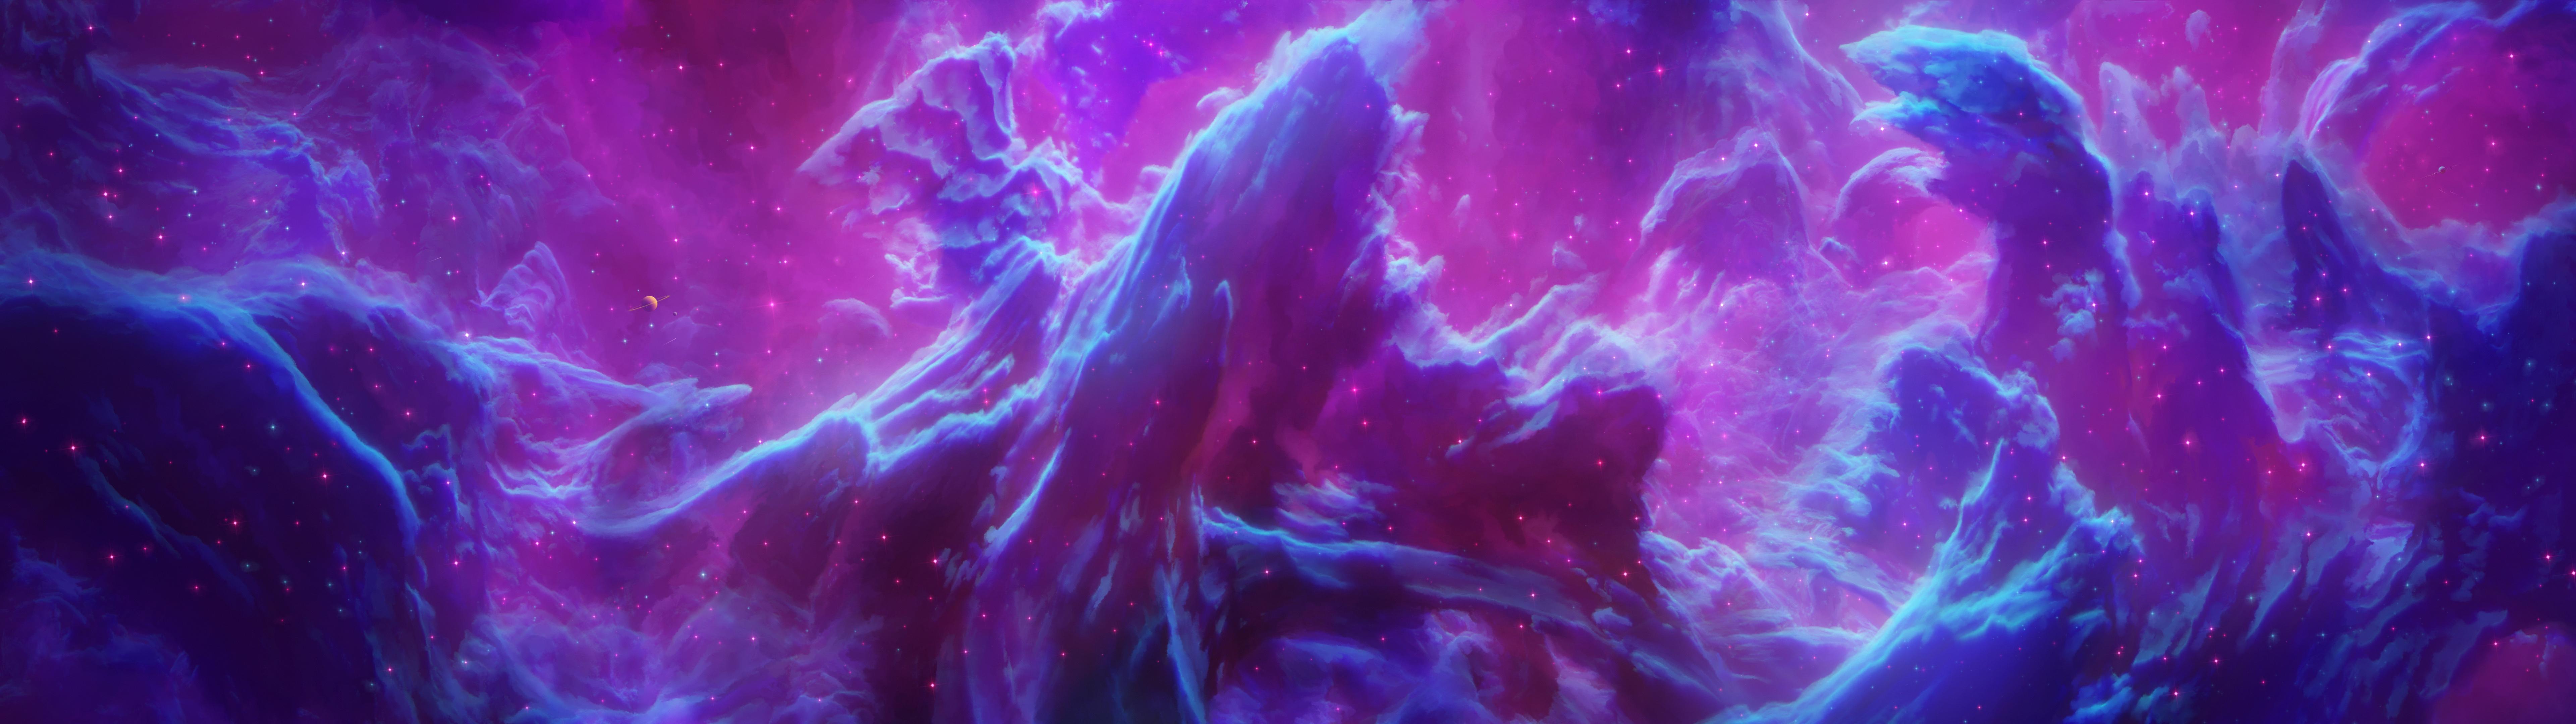 purple space stars 1574942969 - Purple Space Stars -